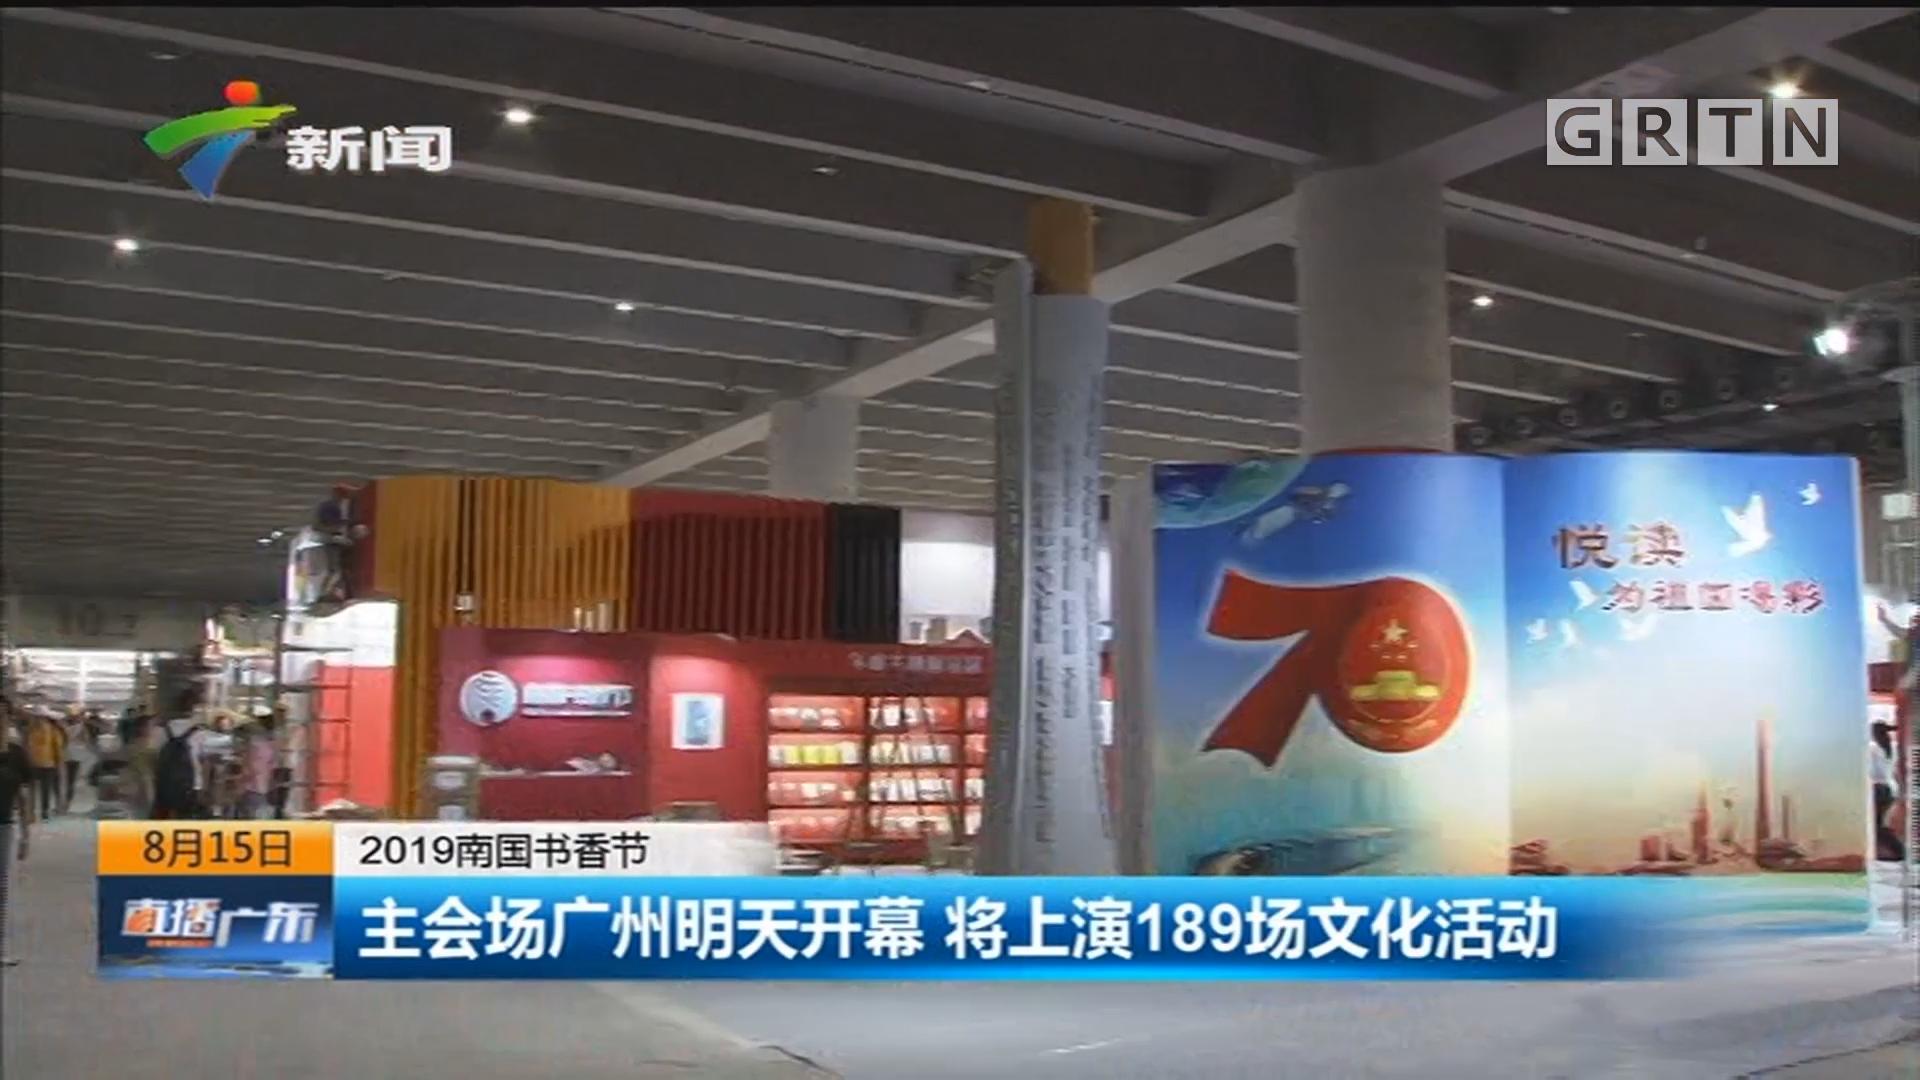 2019南国书香节 主会场广州明天开幕 将上演189场文化活动